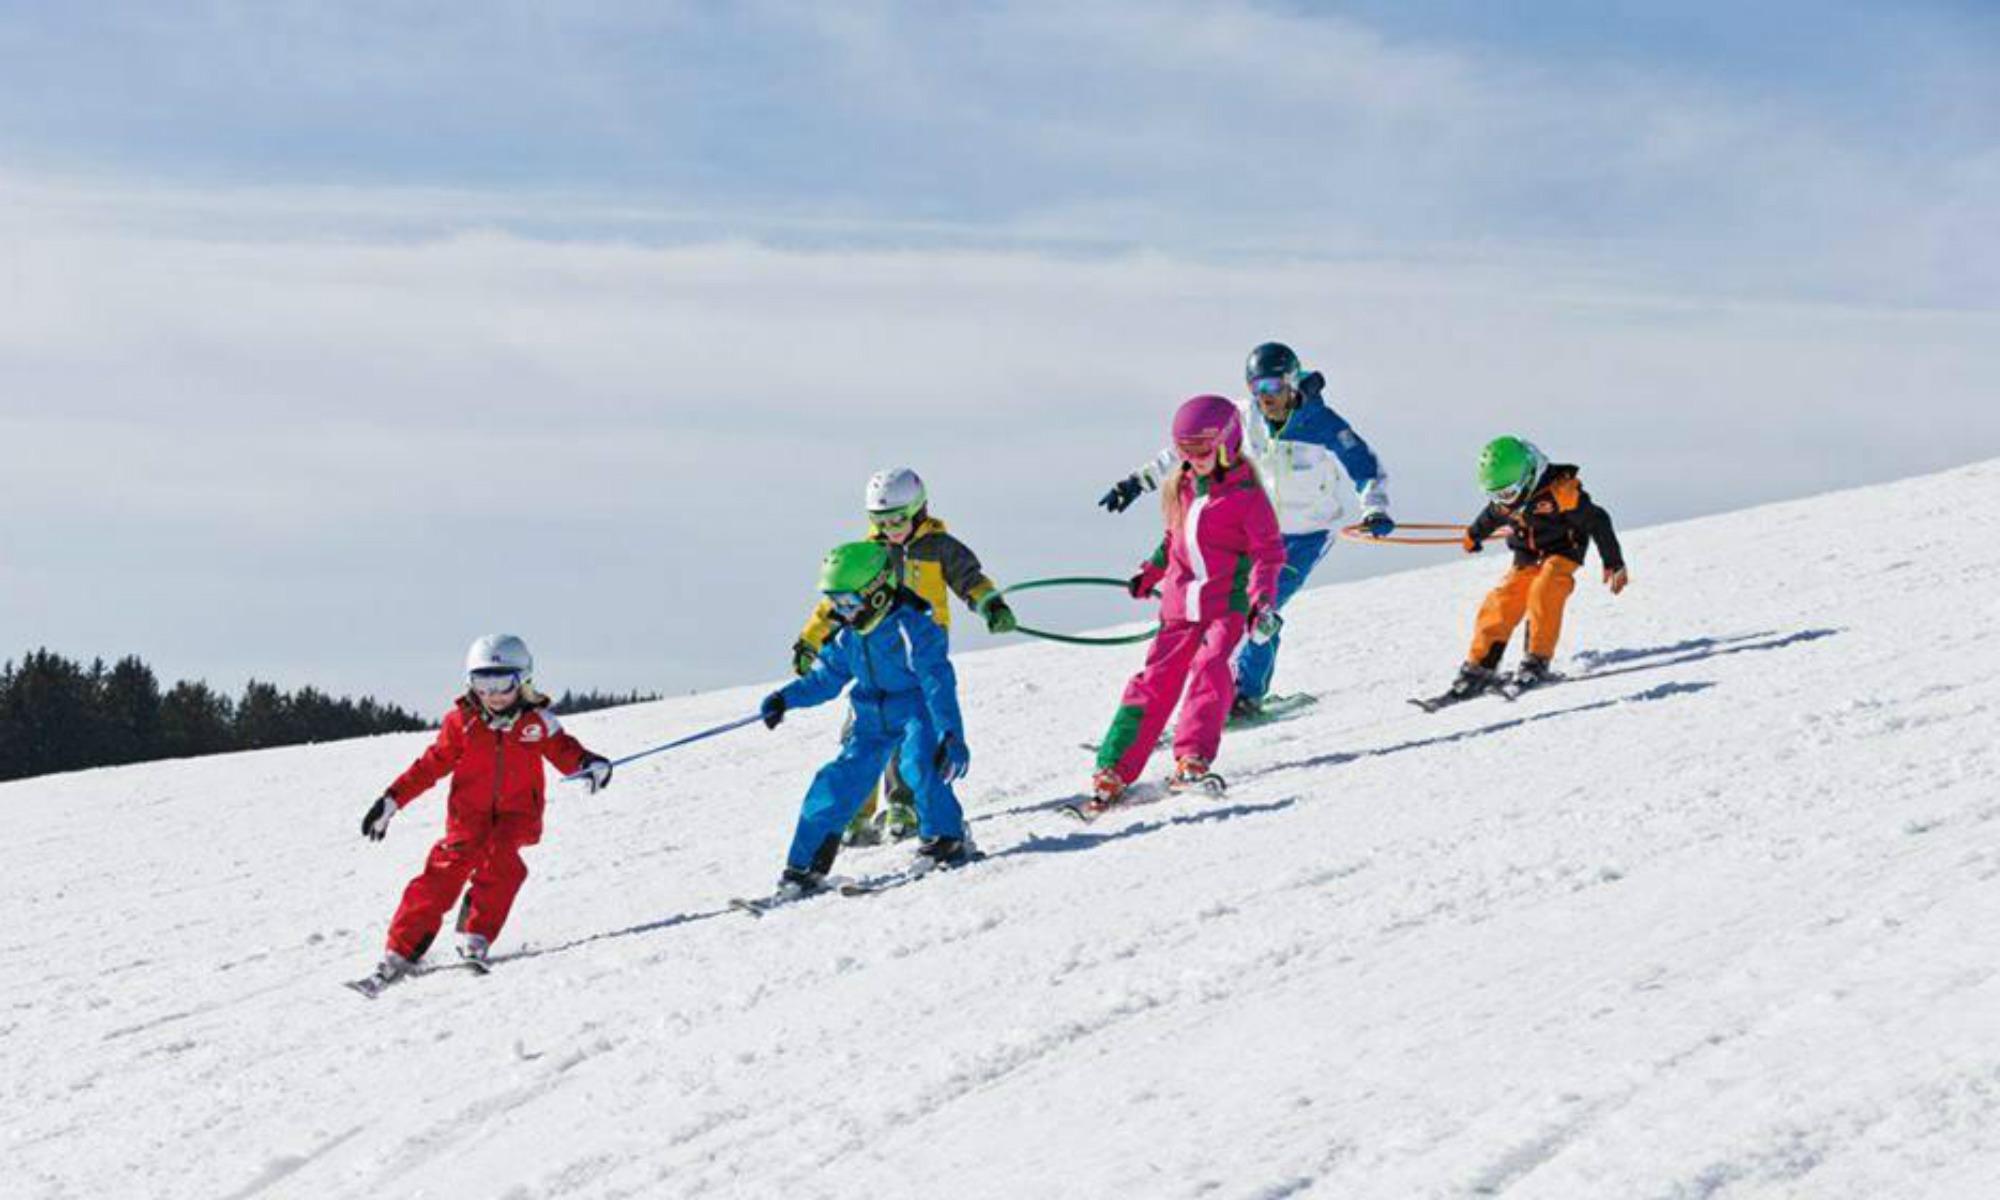 Kinder üben das Skifahren in Kleingruppen mit bunten Reifen auf einer Piste im Skigebiet Sudelfeld.